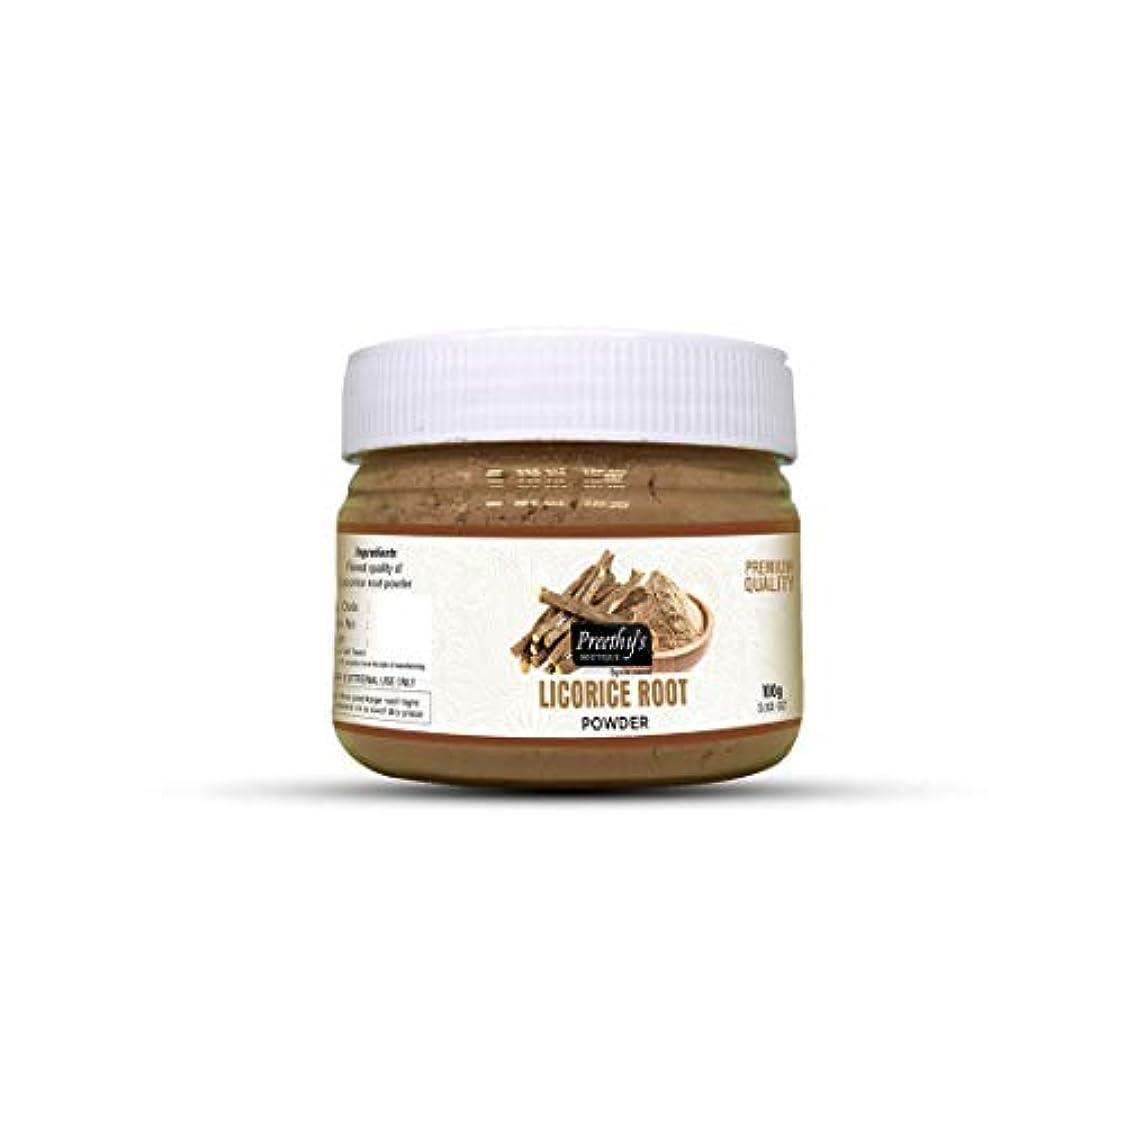 シンプトンピボット遵守するLicorice (Mulethi) Powder For Skin Whitening 100 Grams - Natural Remedies for Skin disorders - Helps to diminish and lighten dark spots, age spots, blackheads, whiteheads - 100グラムを白くする肌用の甘草(Mulethi)パウダー-スキンブライトニング-ダークスポット、エイジスポット、にきび、ホワイトヘッドを減らして明るくするのに役立ちます